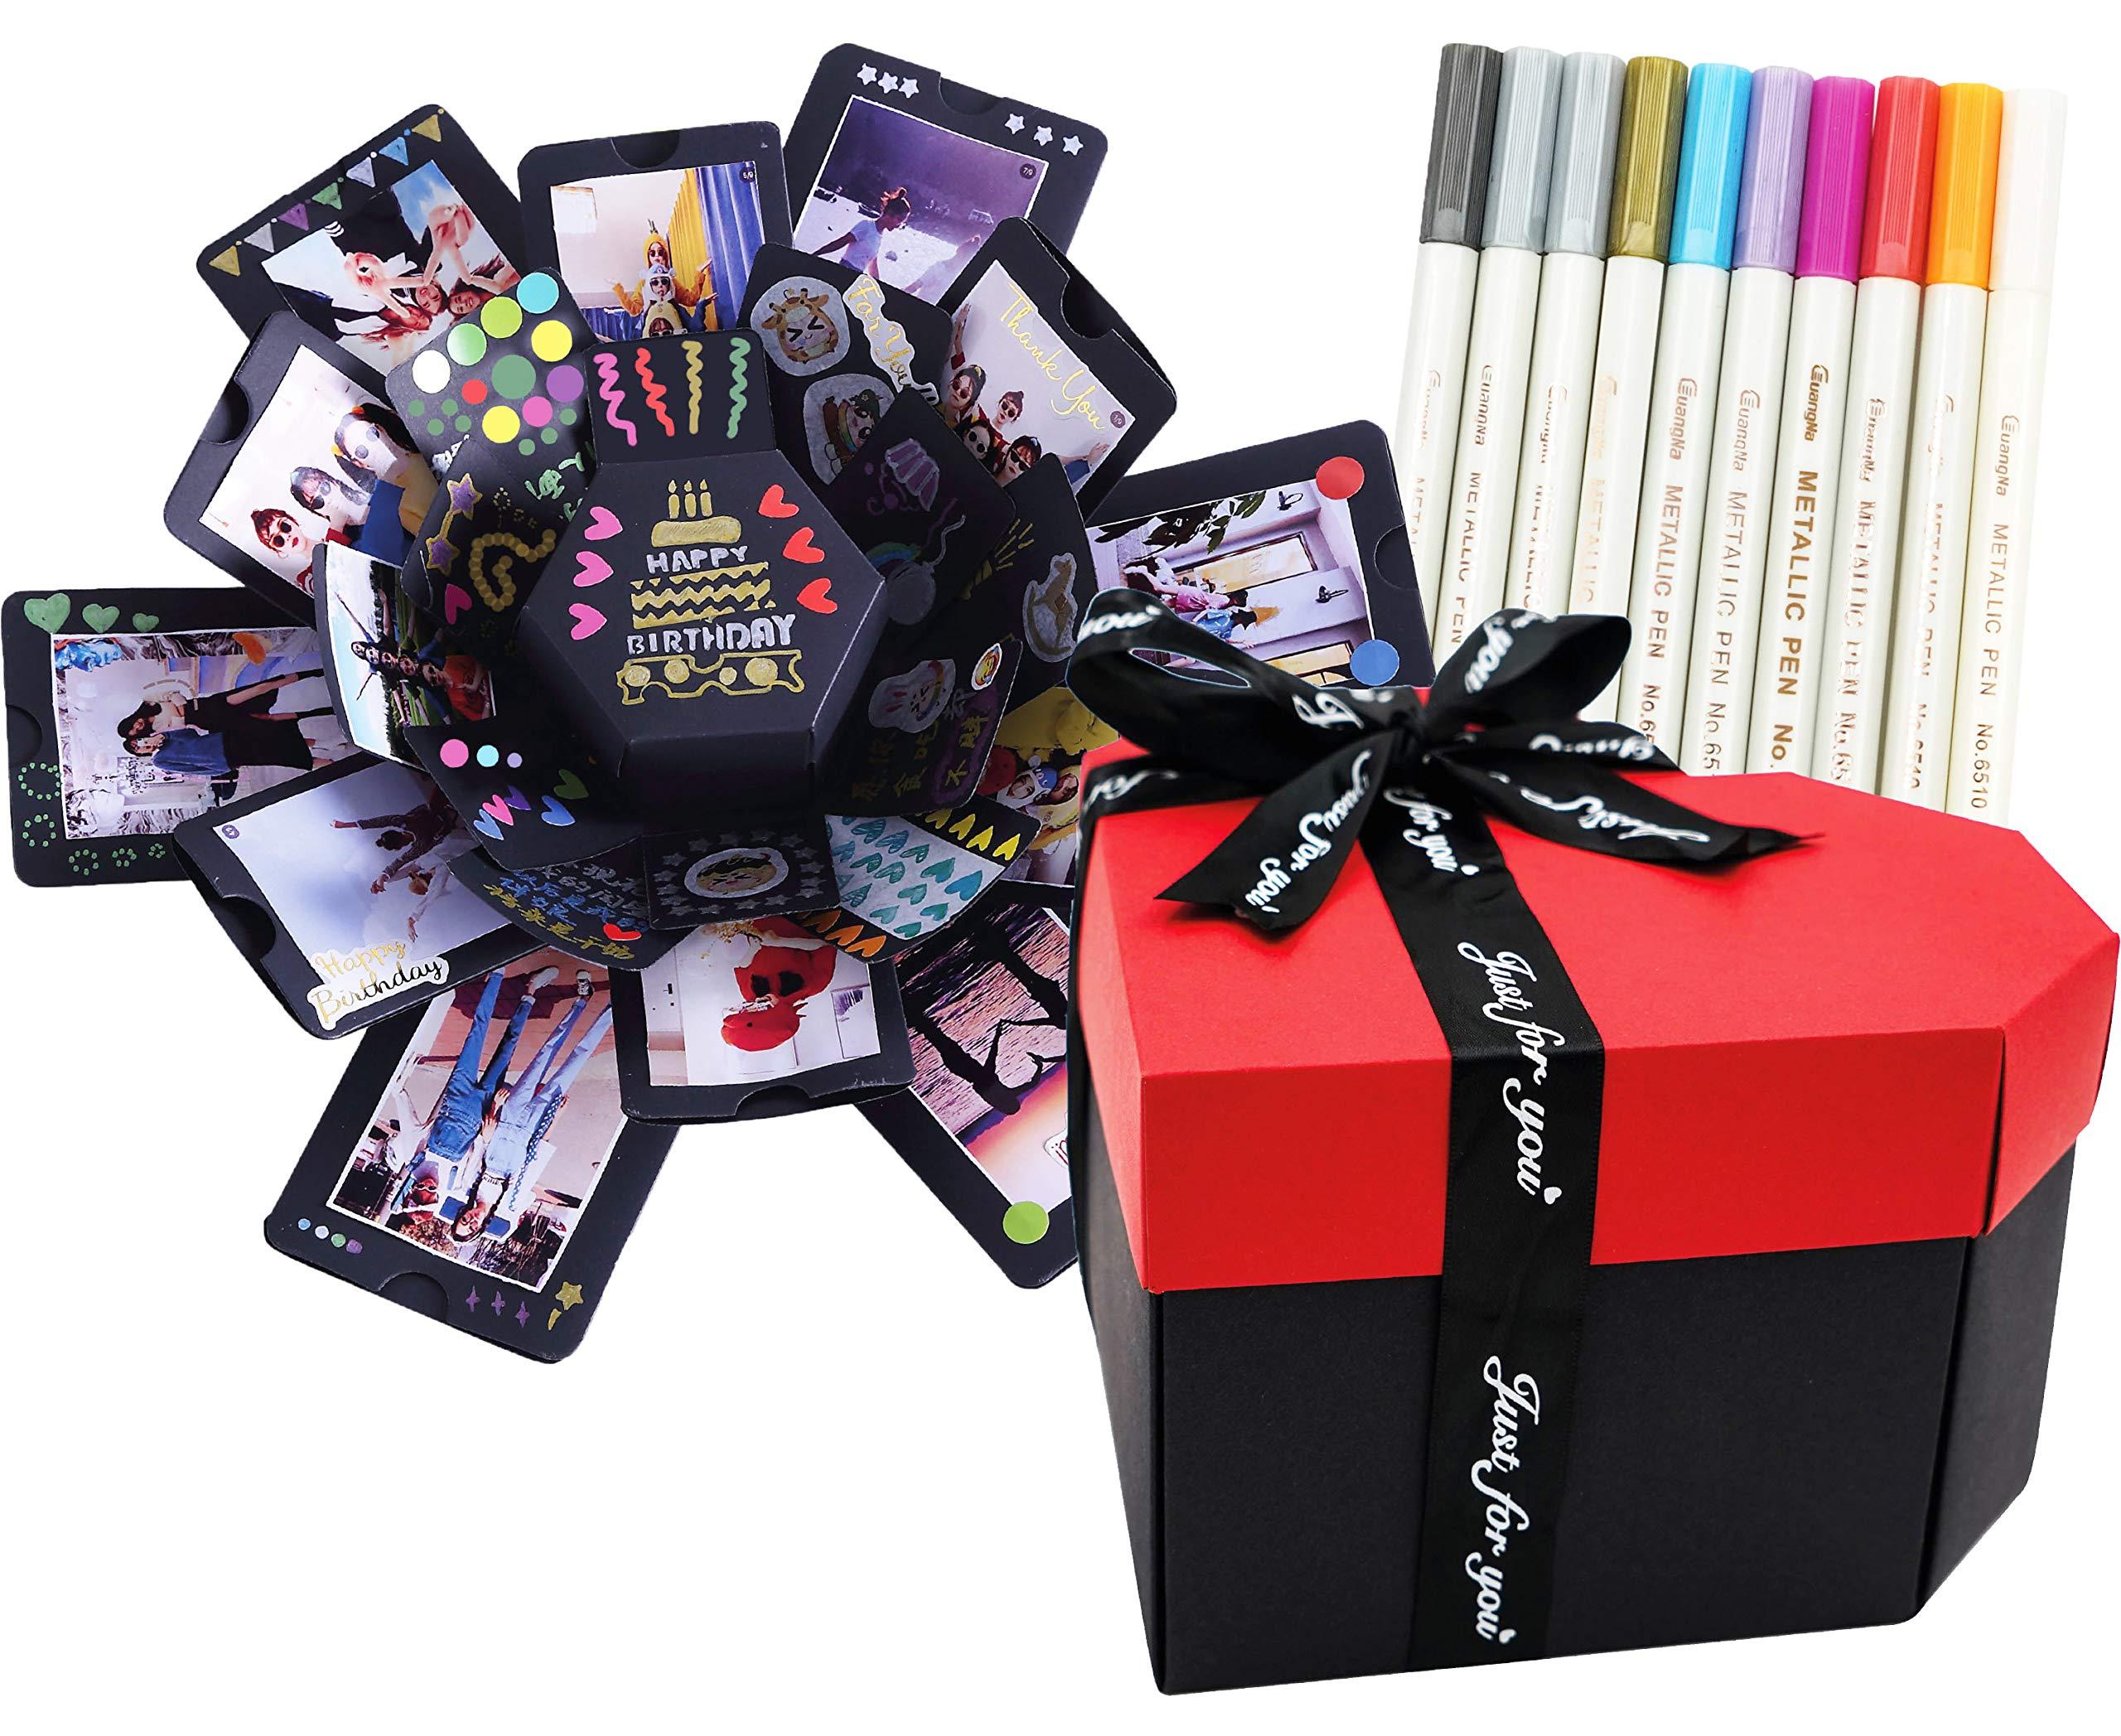 Zhonama Explosion Box totalmente montada, álbum de fotos personalizado, caja explosiva con sorpresa, ideal para regalos de cumpleaños, San Valentín, boda, idea original hazlo tu mismo: Amazon.es: Oficina y papelería